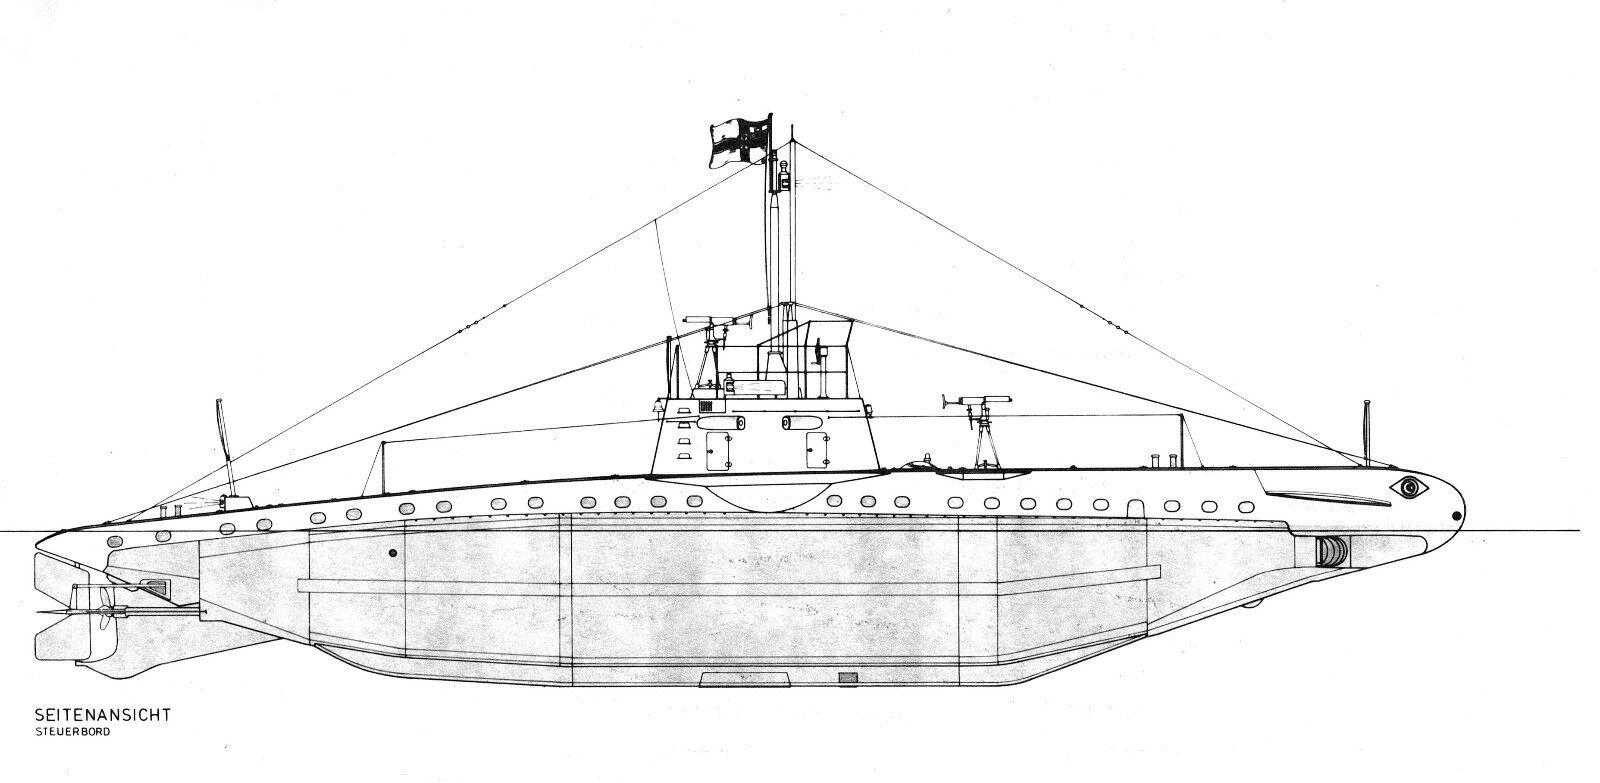 SM UB imperial 16, costas u-boot. marina imperial UB hasta 1920. m 1:32 modellbau plan 6fa904